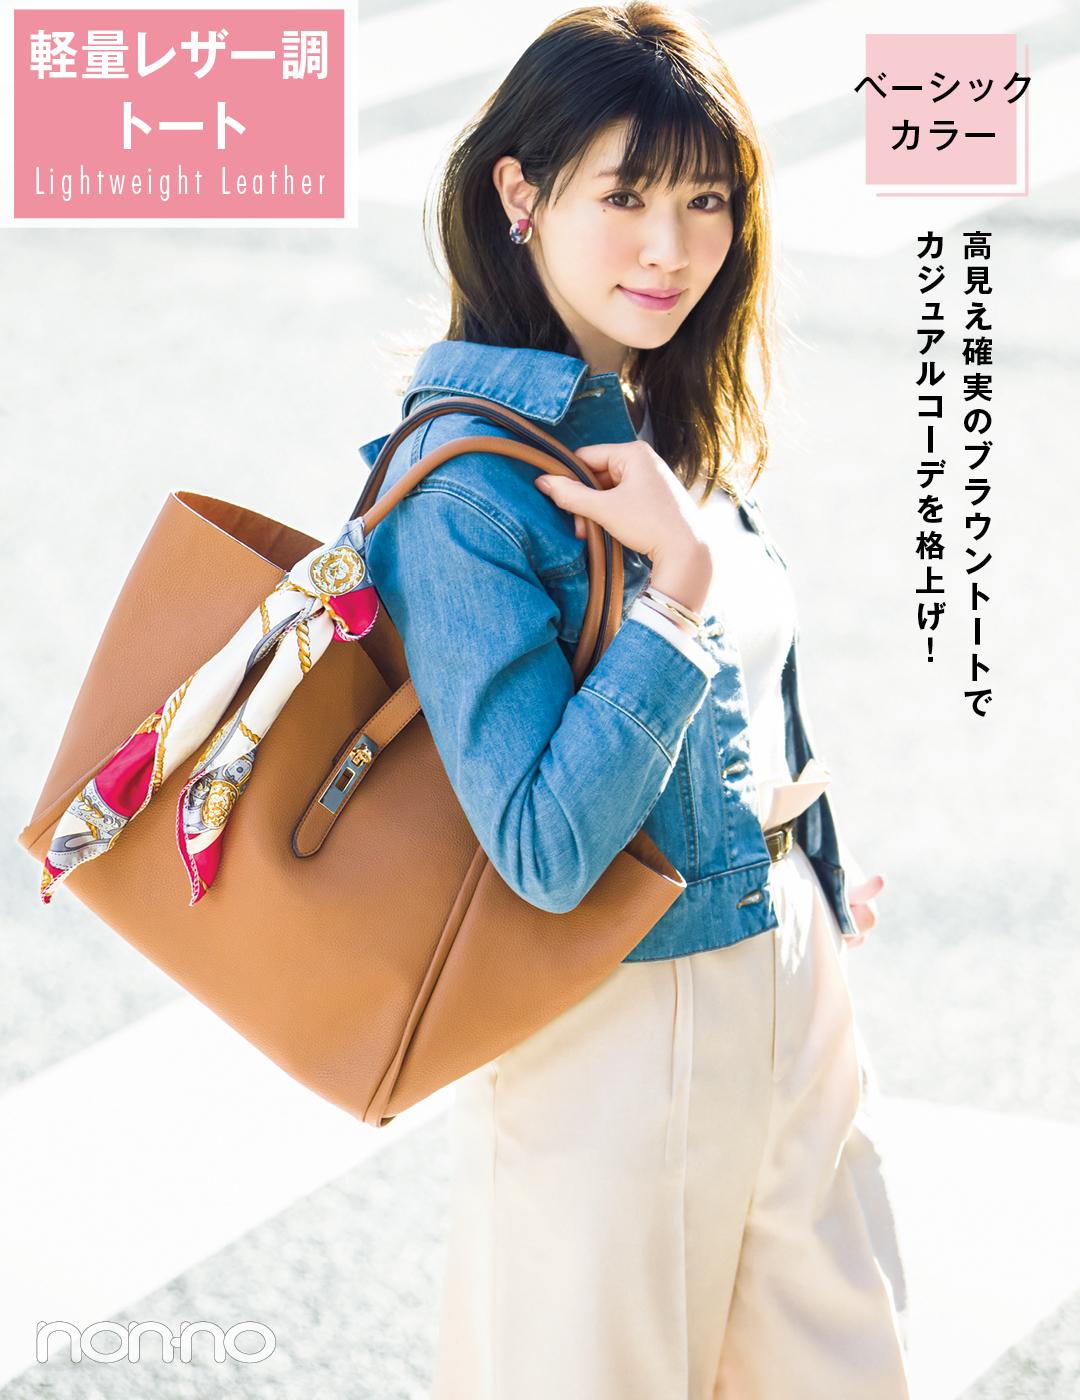 大荷物派に最適な通学&通勤バッグ♡ 高見えなのに軽いバッグ7選!_1_1